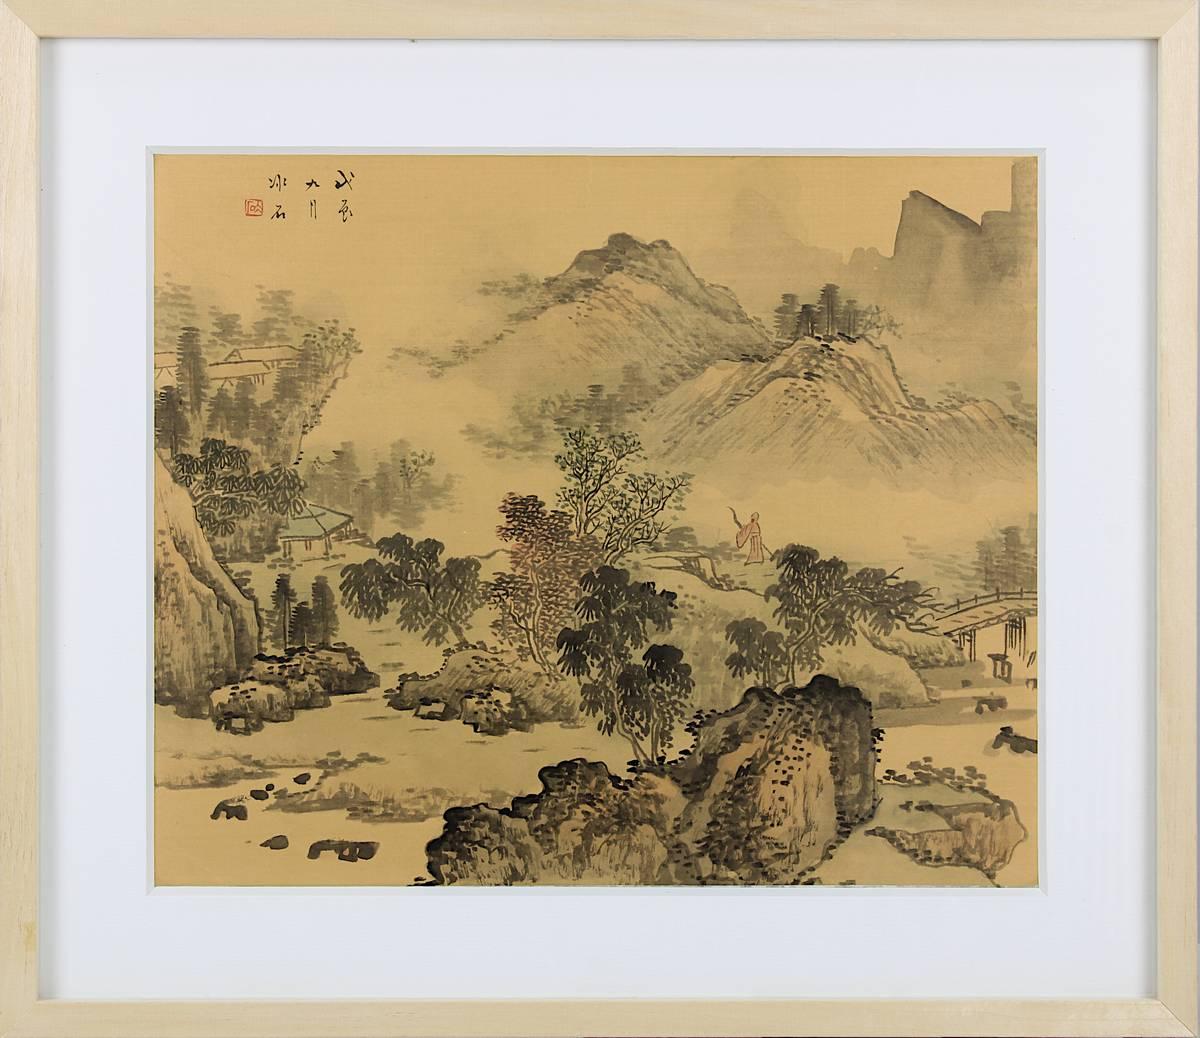 2-0034 - Chinesisches Landschaftsaquarell auf Seide Image